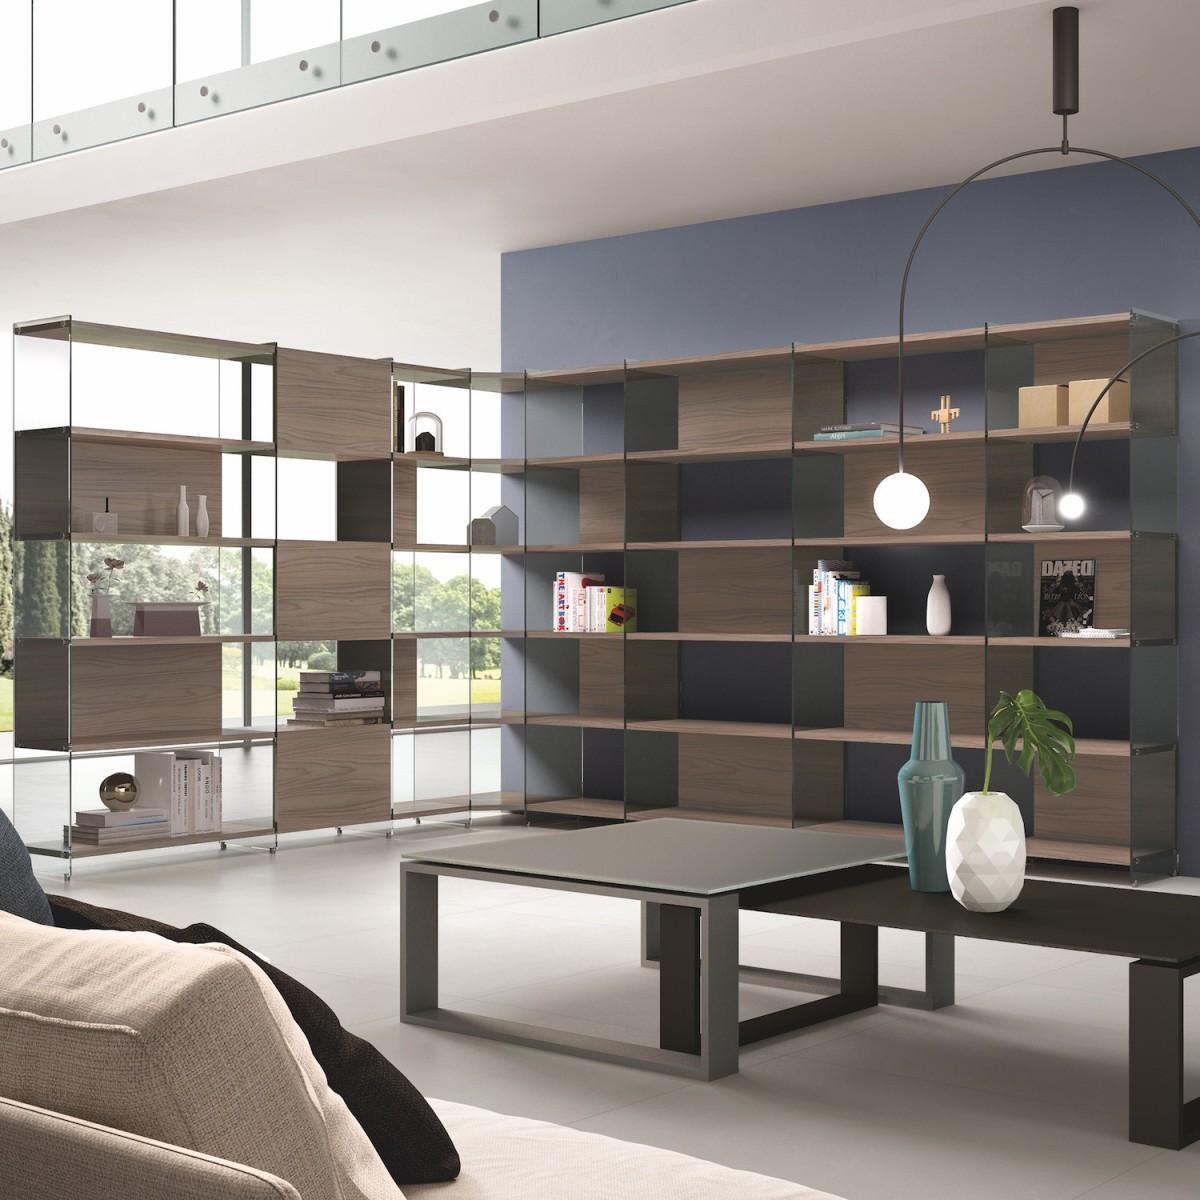 Libreria scaffale angolare da soggiorno design moderno Byblos9